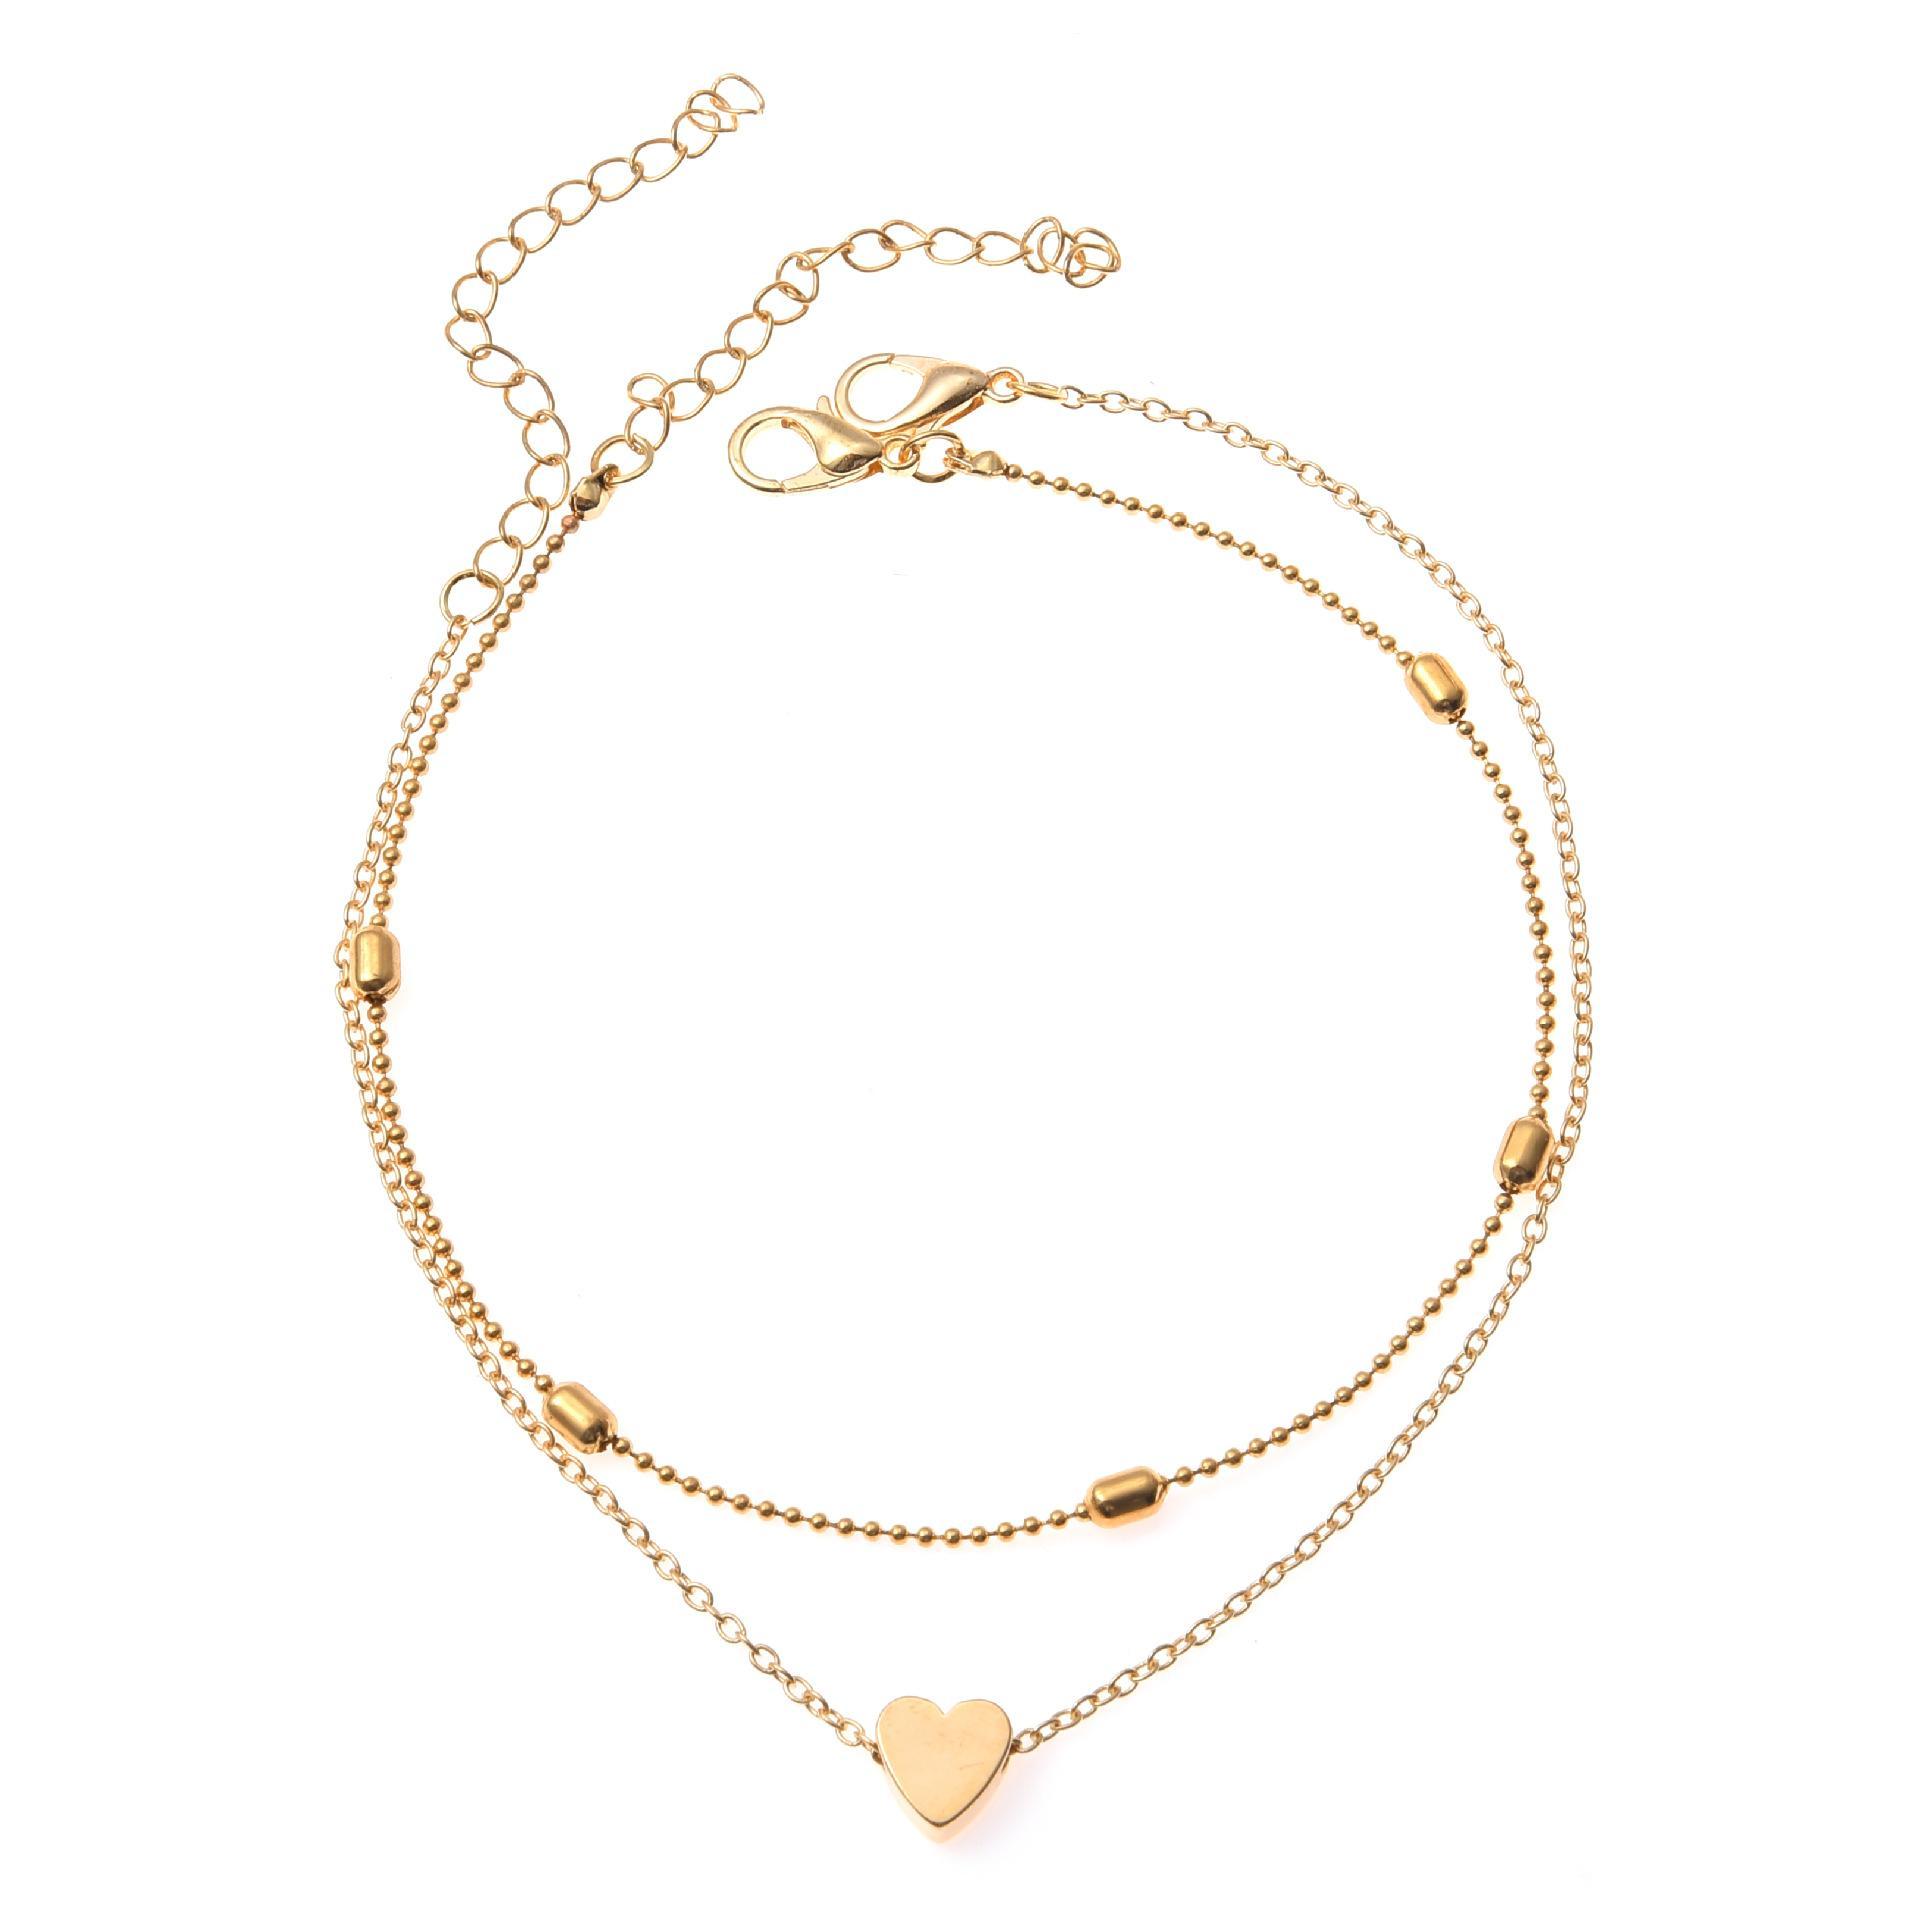 سلاسل S1418 موضة ساخنة مجوهرات طبقة مزدوجة القلب خلخال سلسلة الخرز سبائك سوار الكاحل شاطئ الخلخال القدم